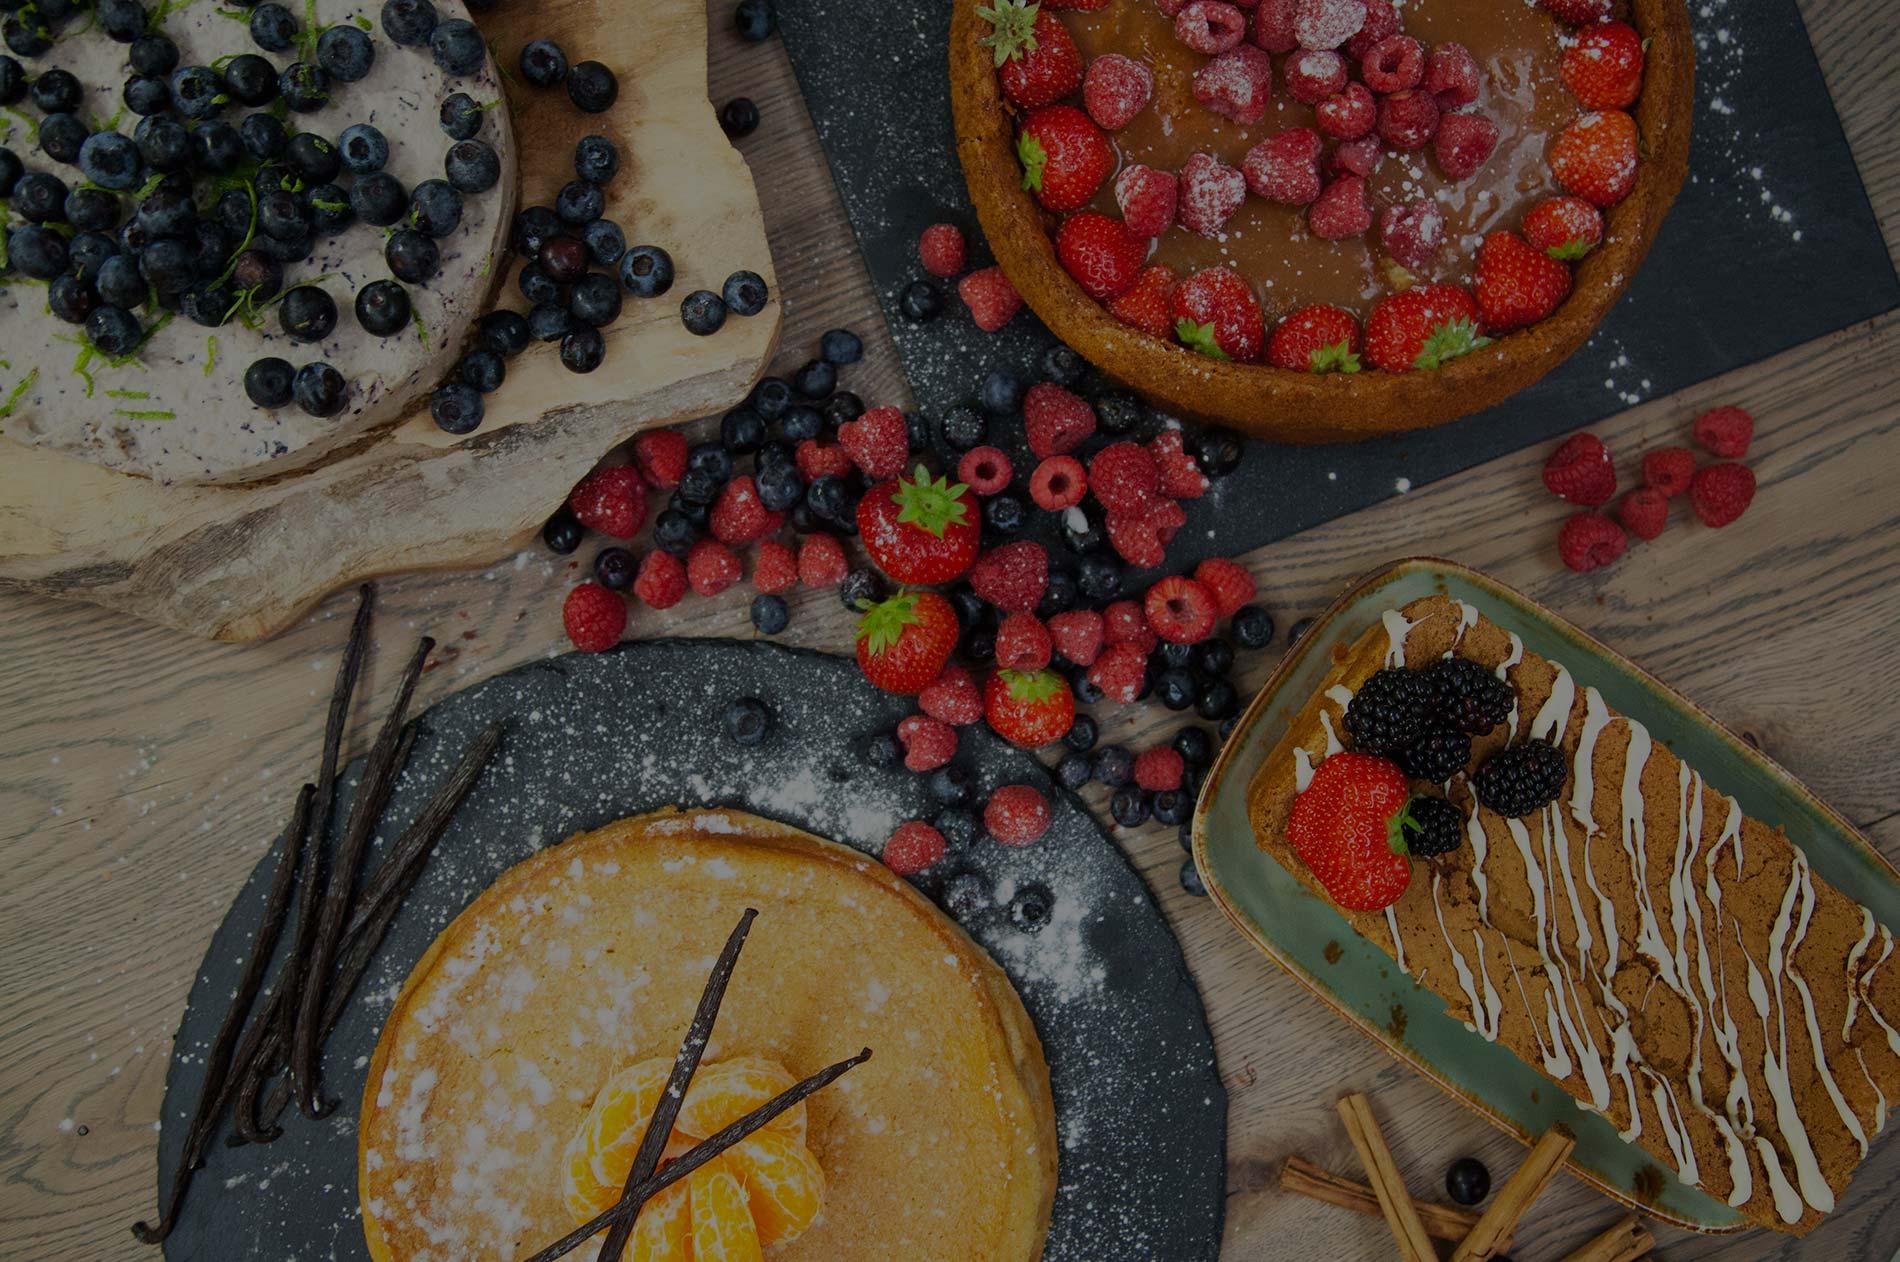 Feestelijke tafel met cake en fruit